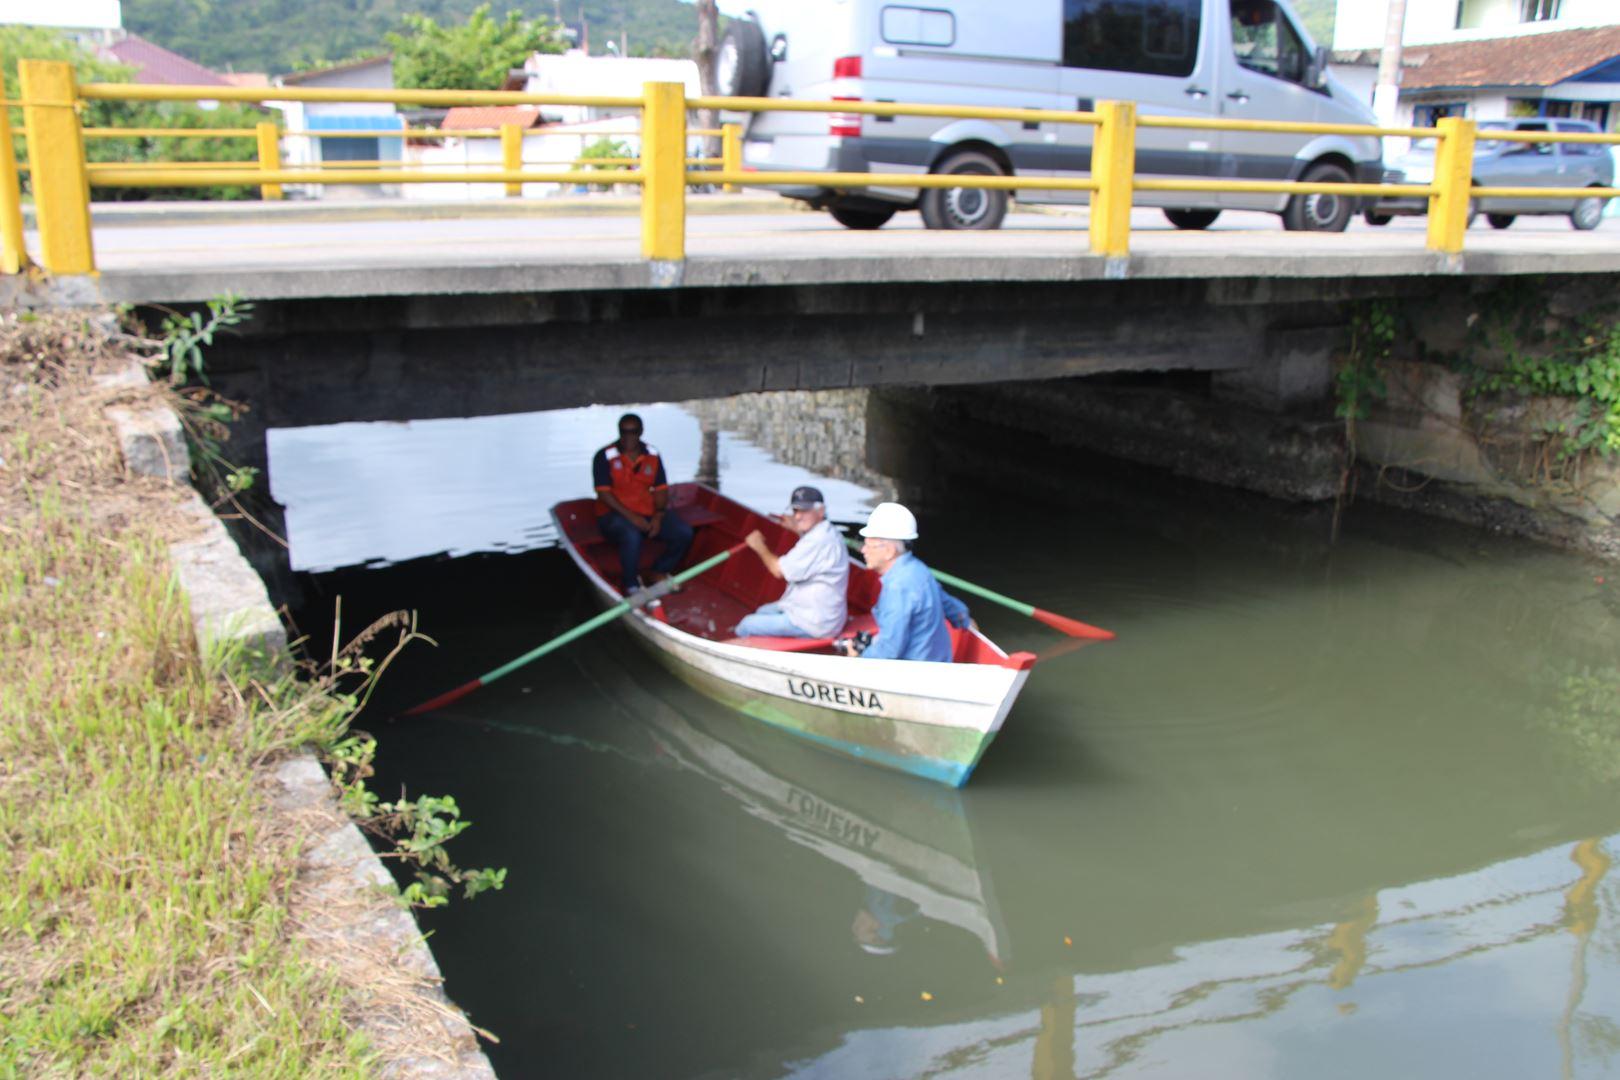 PORTO BELO - Defesa Civil de Porto Belo realiza vistoria em pontes